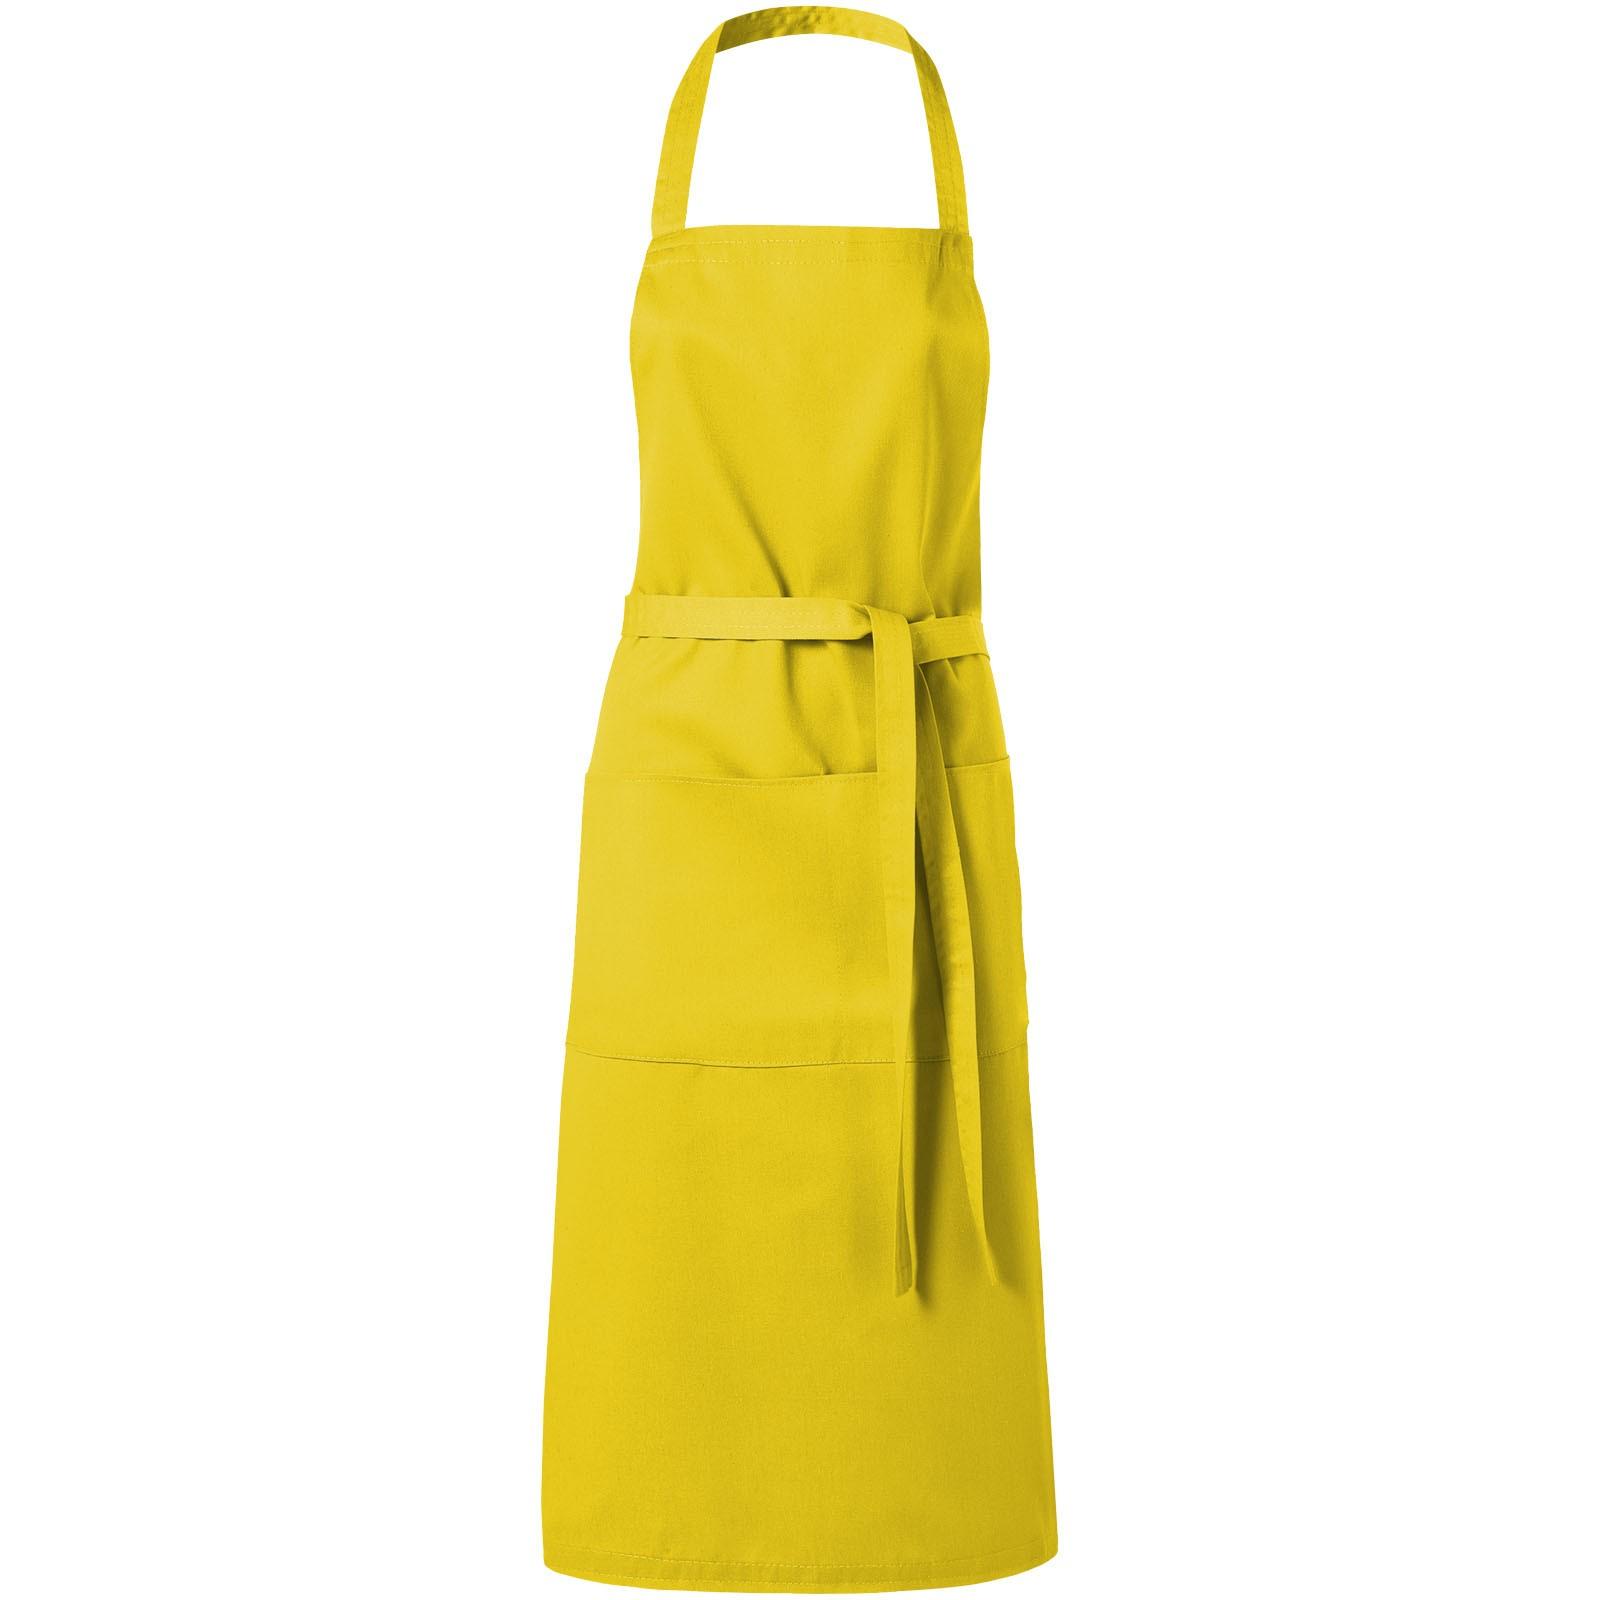 Zástěra Viera se dvěma kapsami - Žlutá